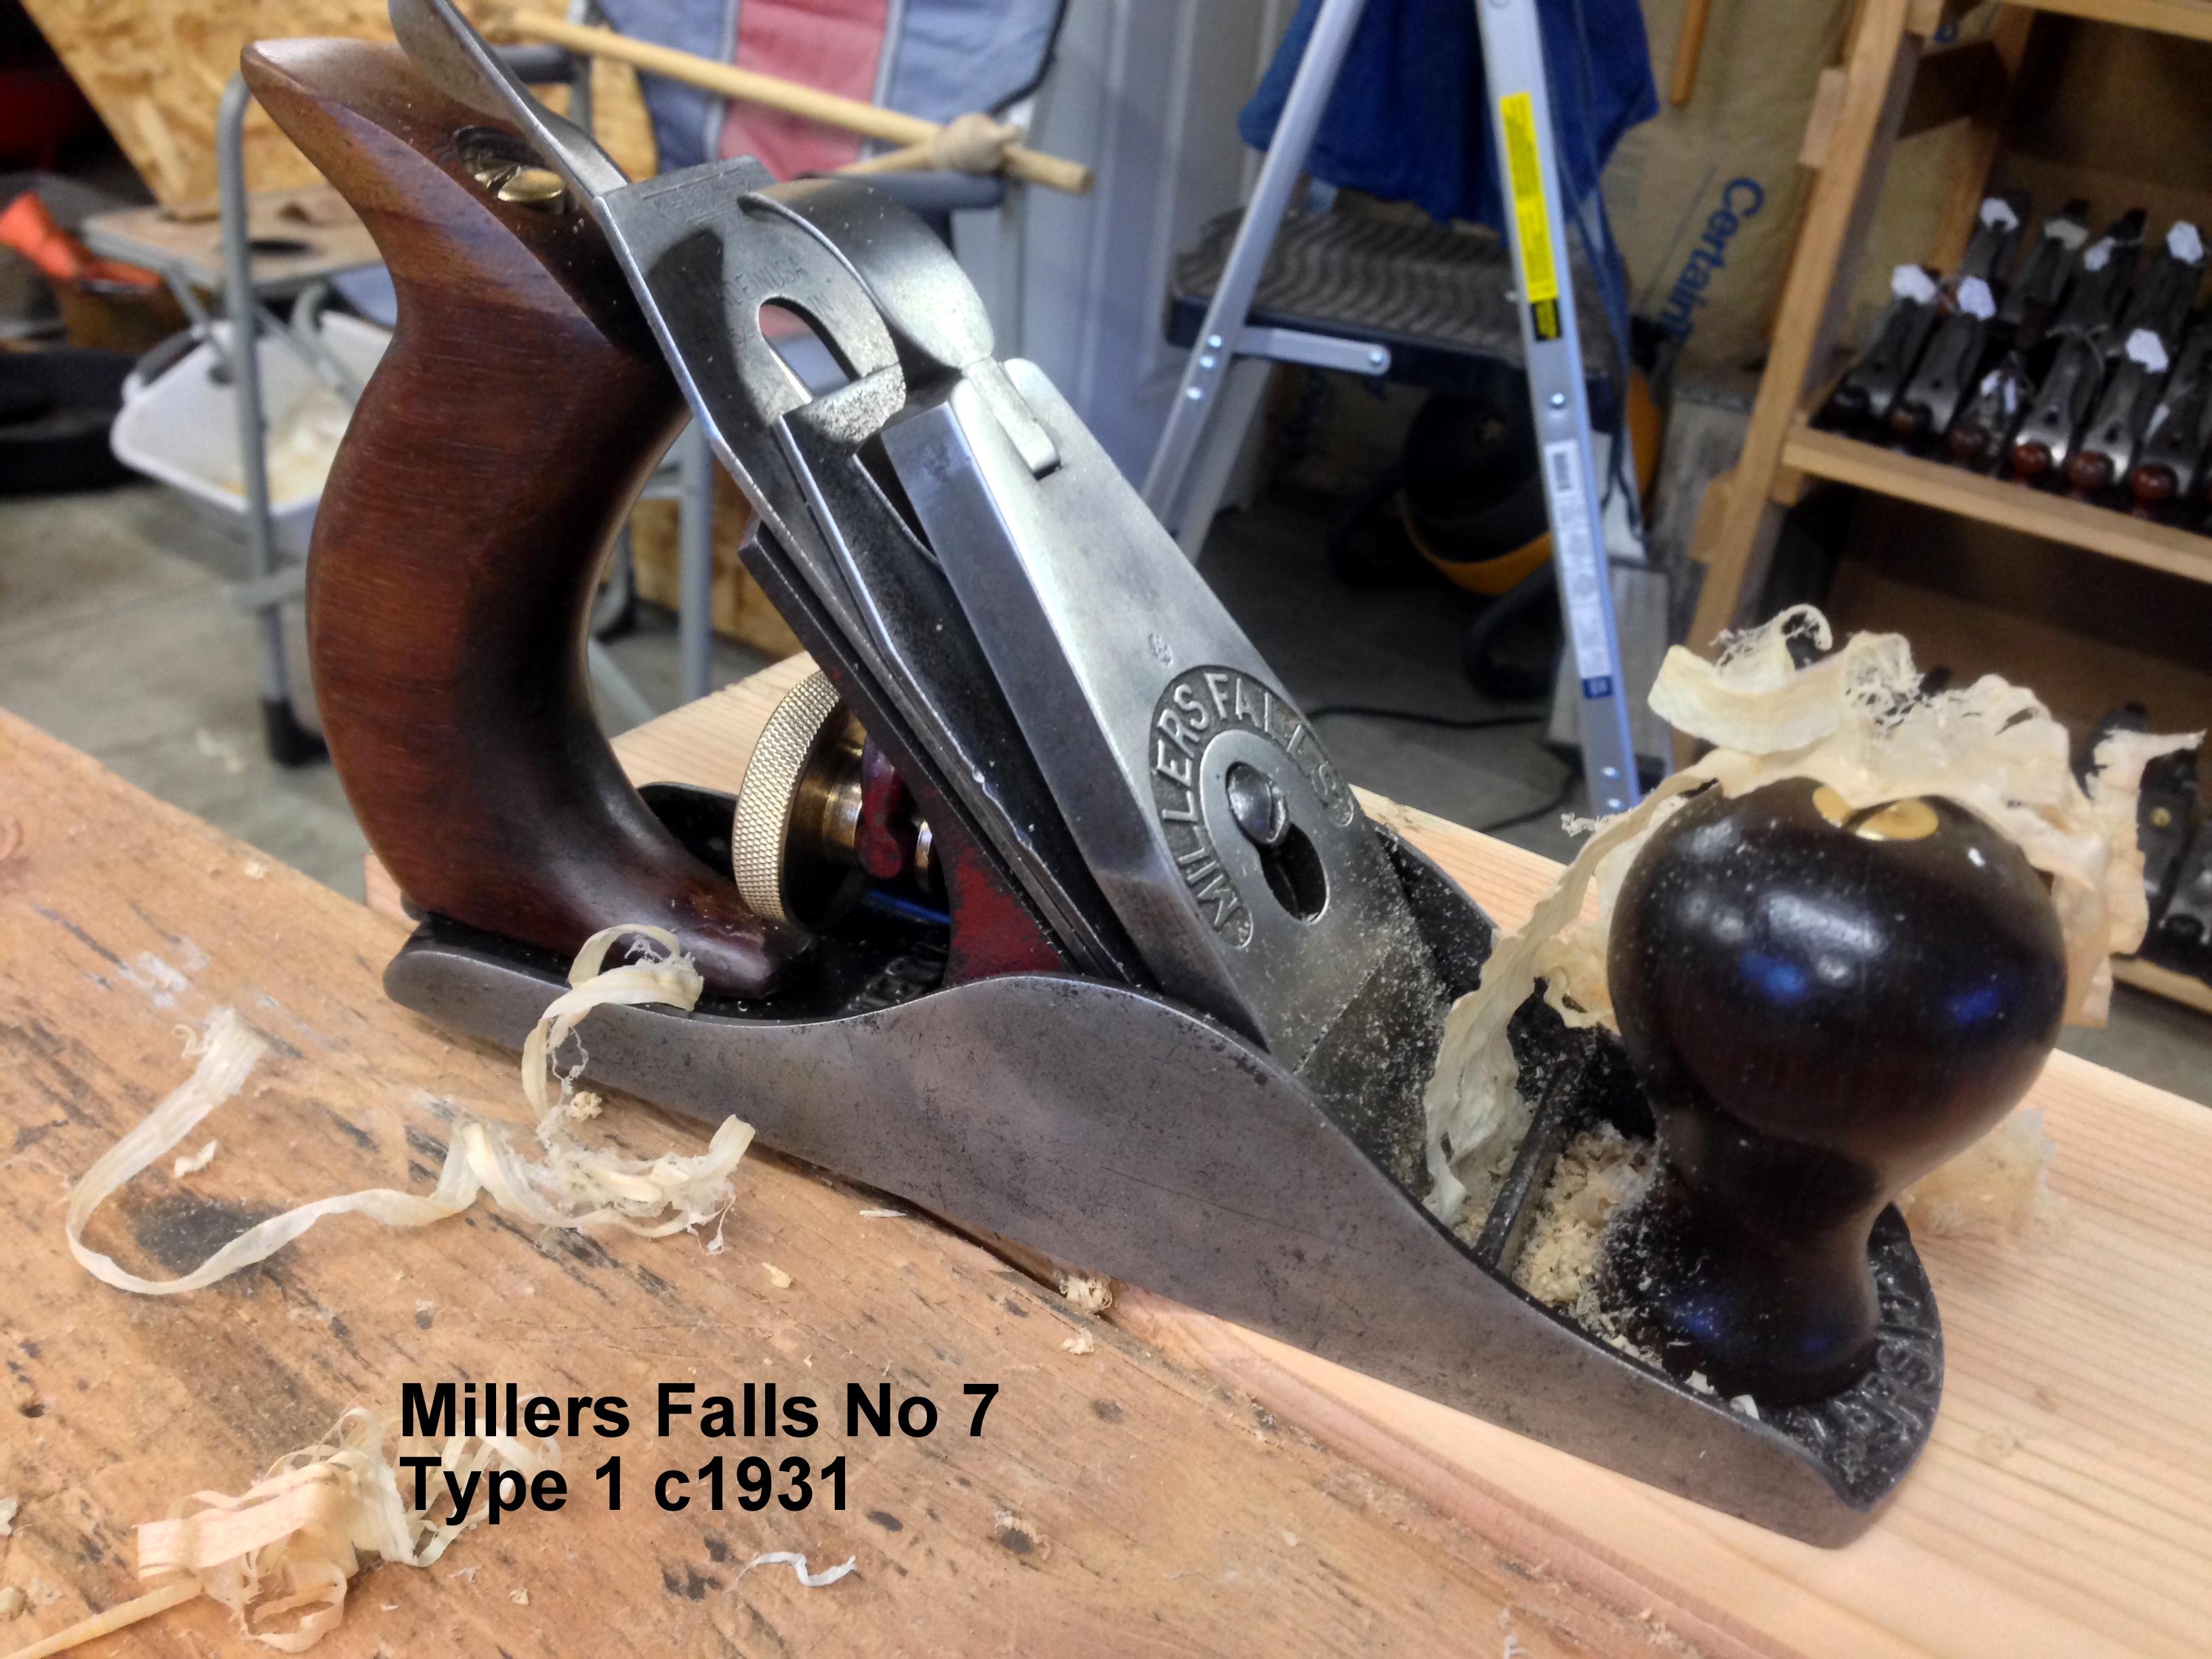 Millers Falls No 7